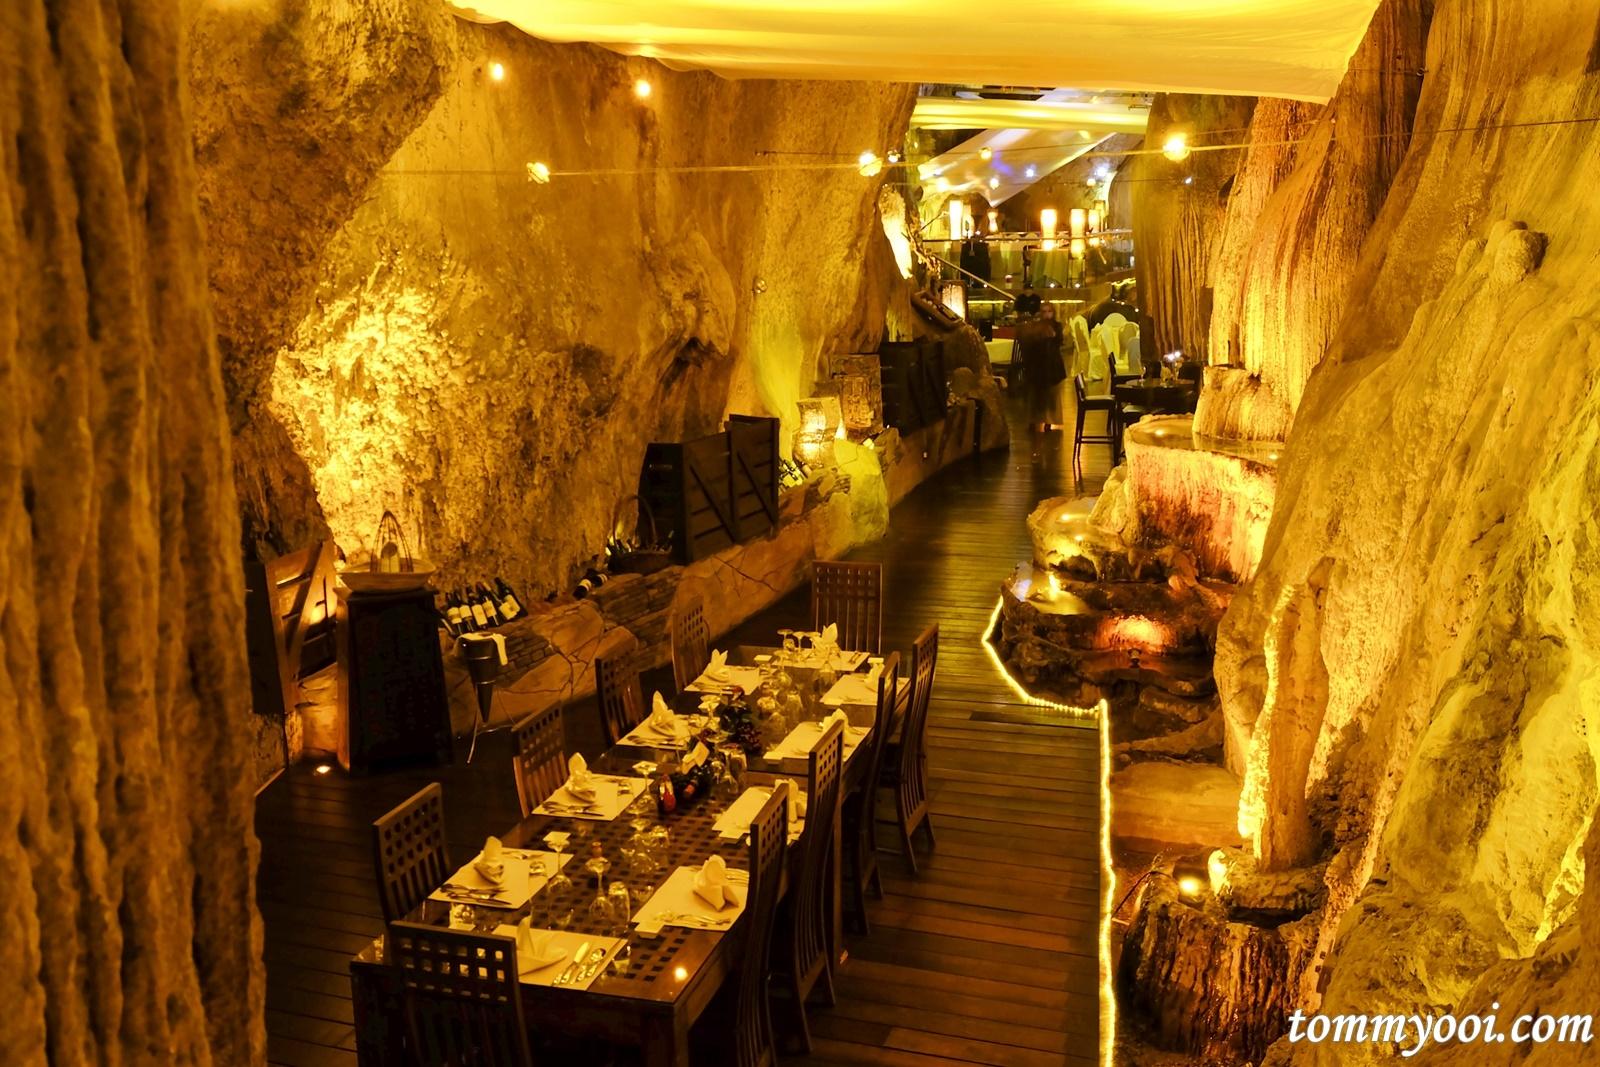 Hidden Luxury Santuary in Ipoh - Banjaran Hotsprings Retreat